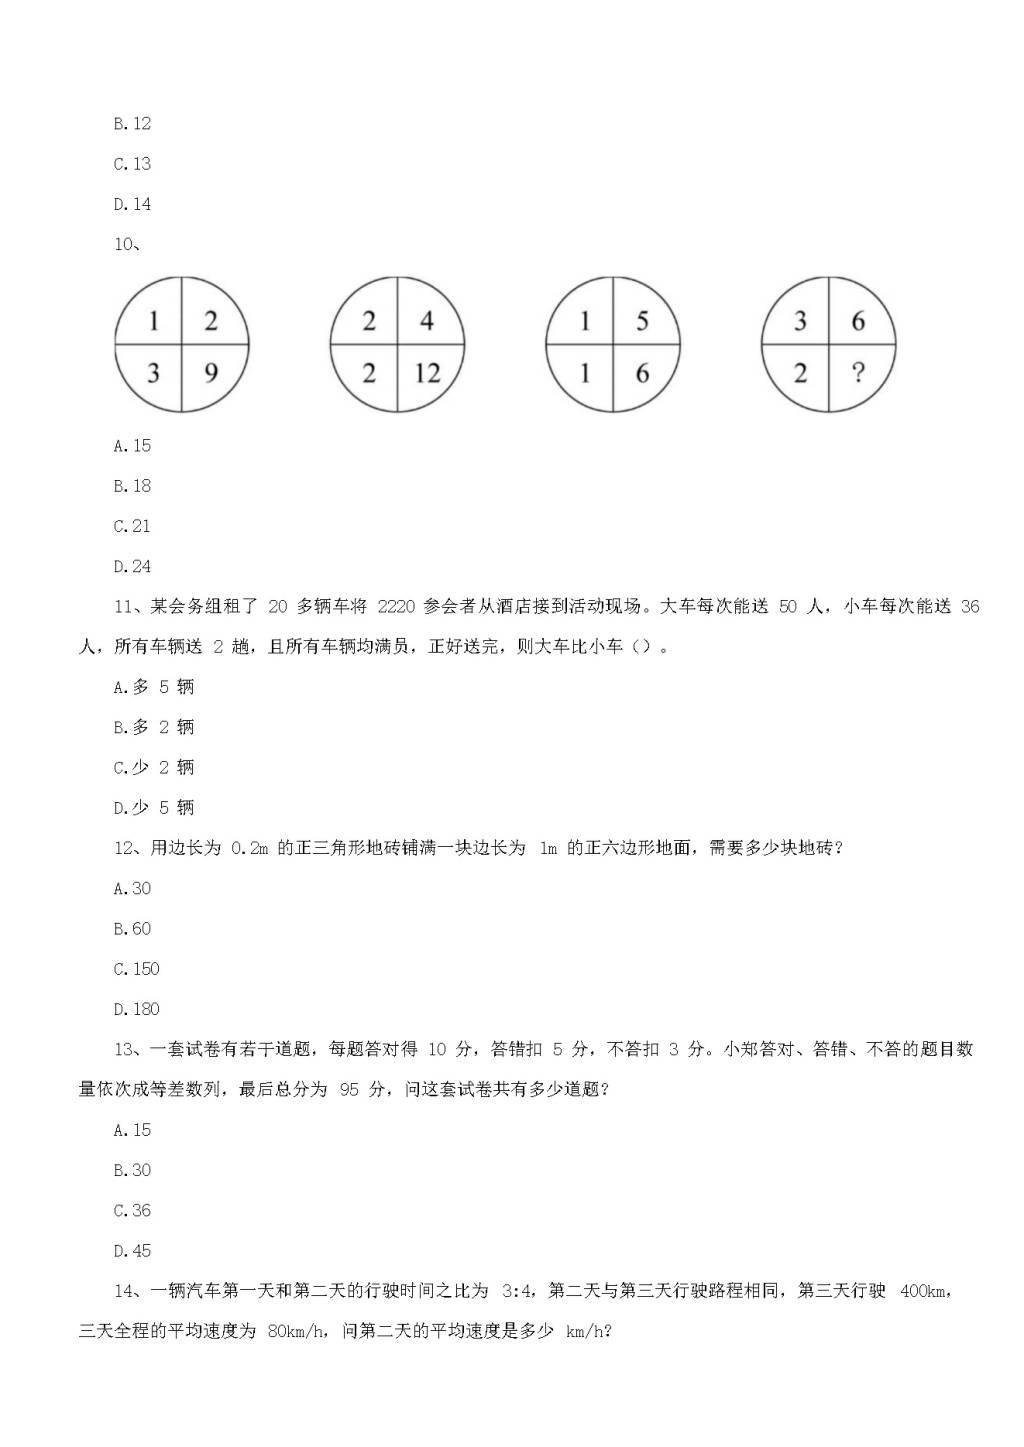 2020年浙江公务员行测考试真题及答案-B类(文件编号:21031509)